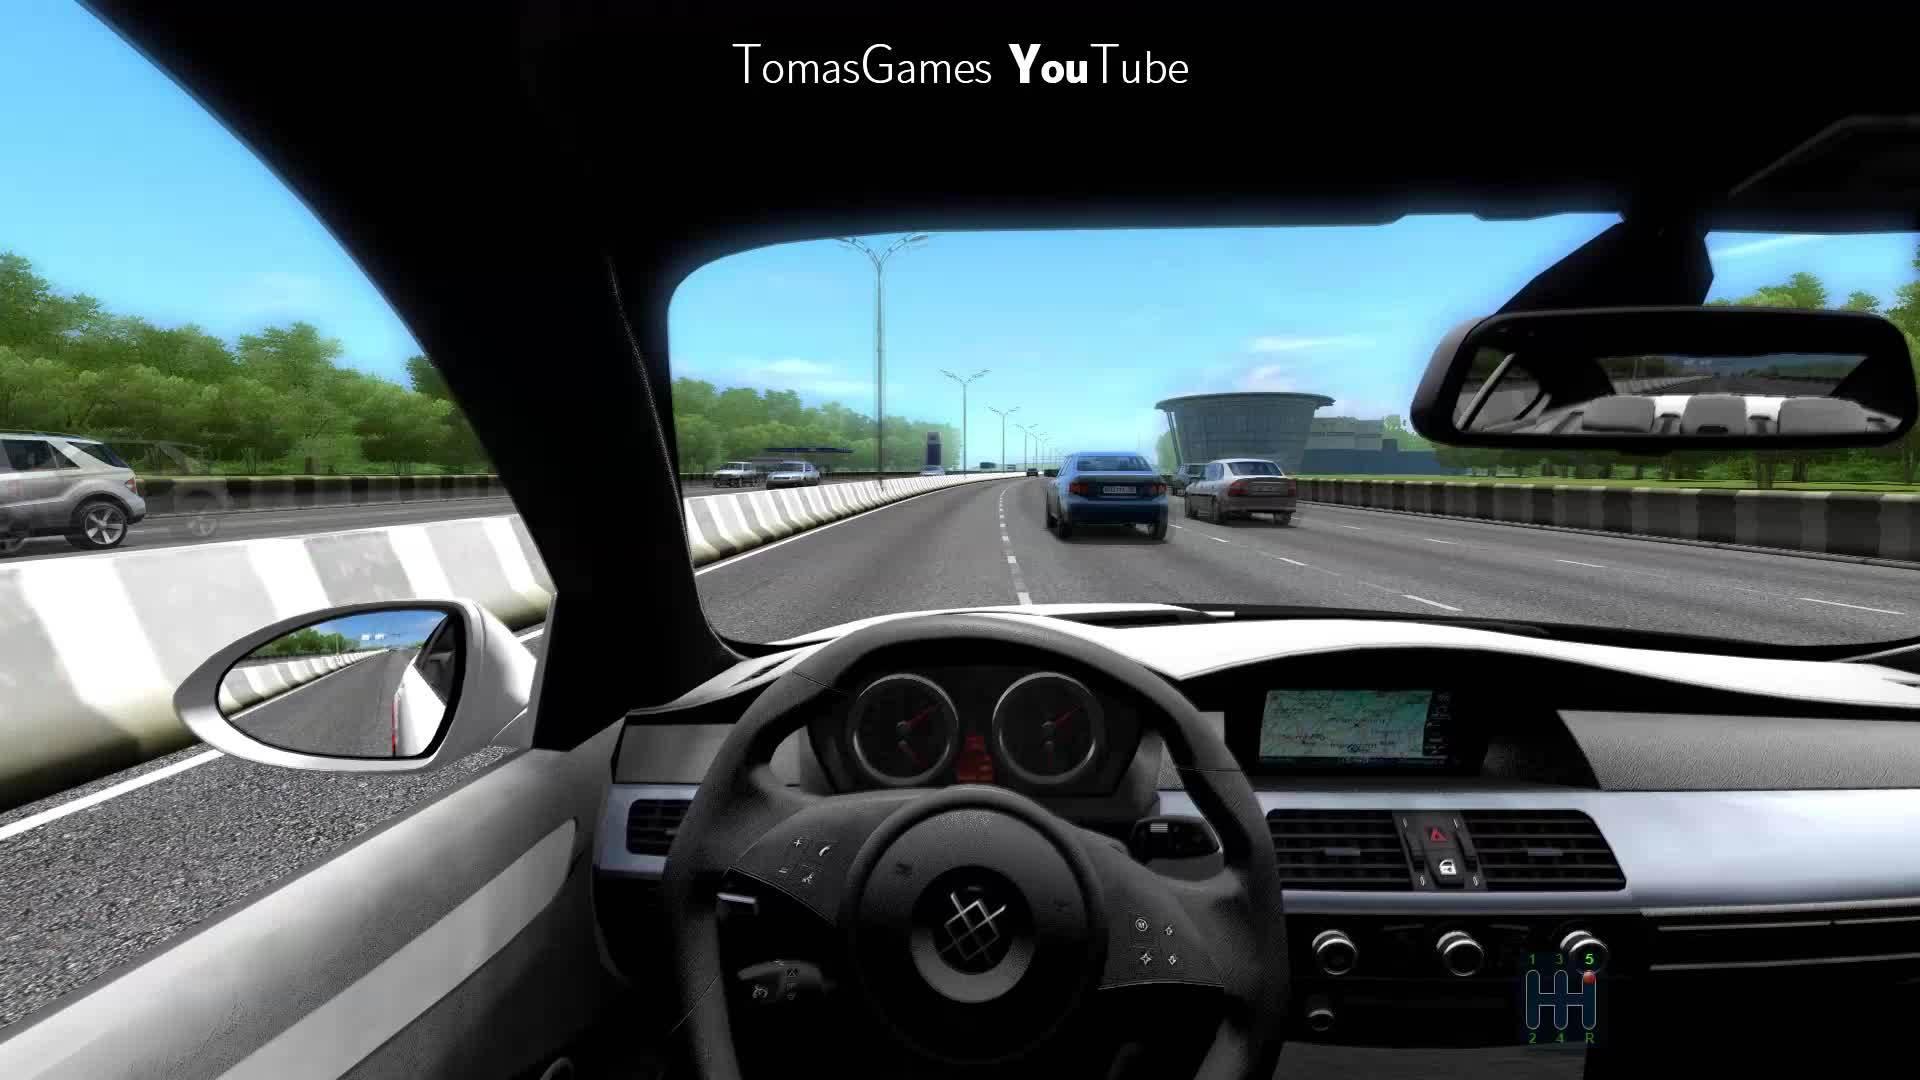 60fpsgifs, bmw m5, carcrash, driving, fail, russia, 60fps BMW M5 Crash Fail aka How you shouldn't drive a car GIFs